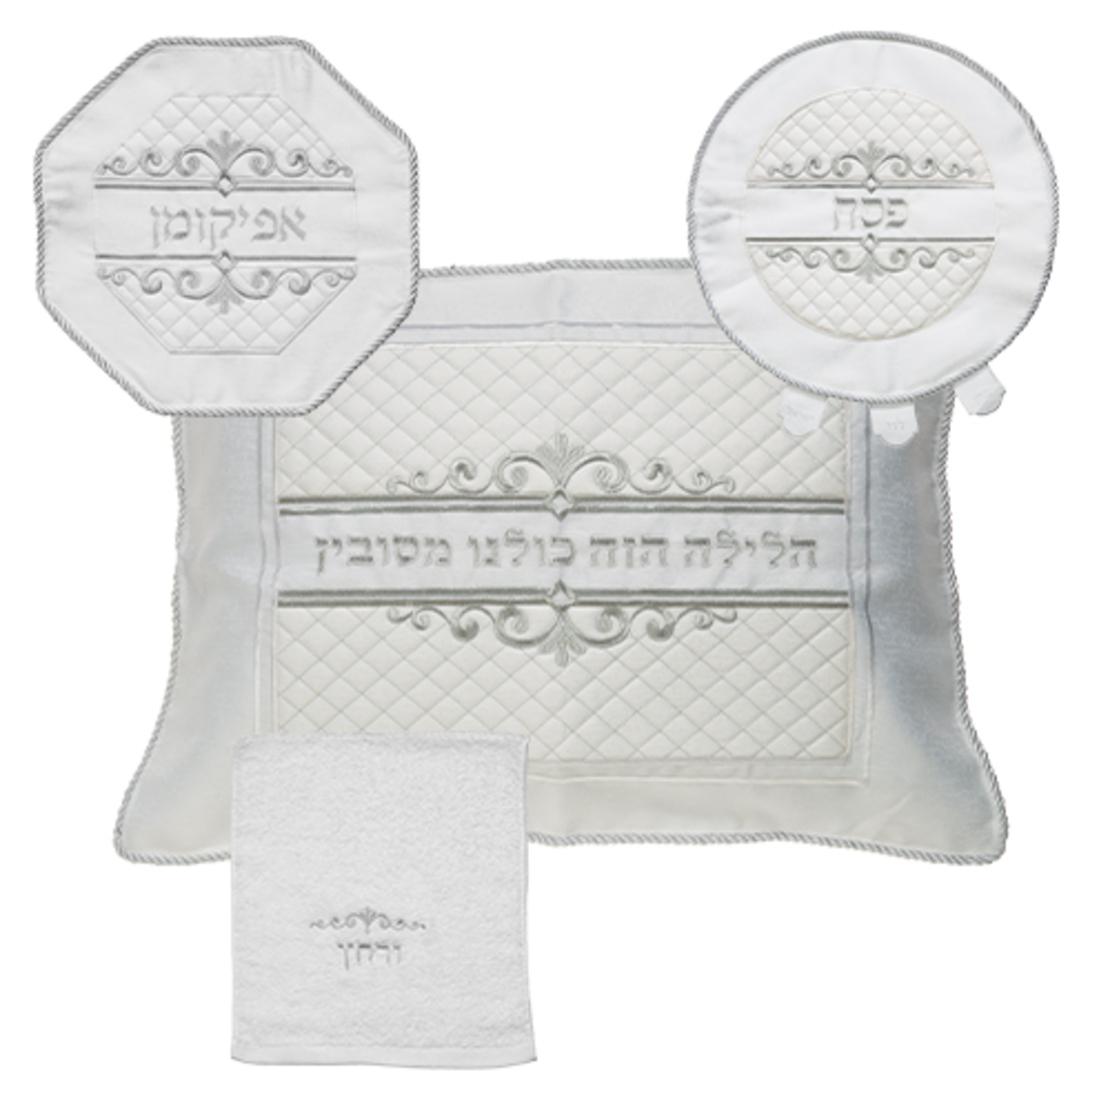 3 סט פסח ברוקט 4 חלקים הכולל כרית הסבה, כיסוי פסח, אפיקומן ומגבת